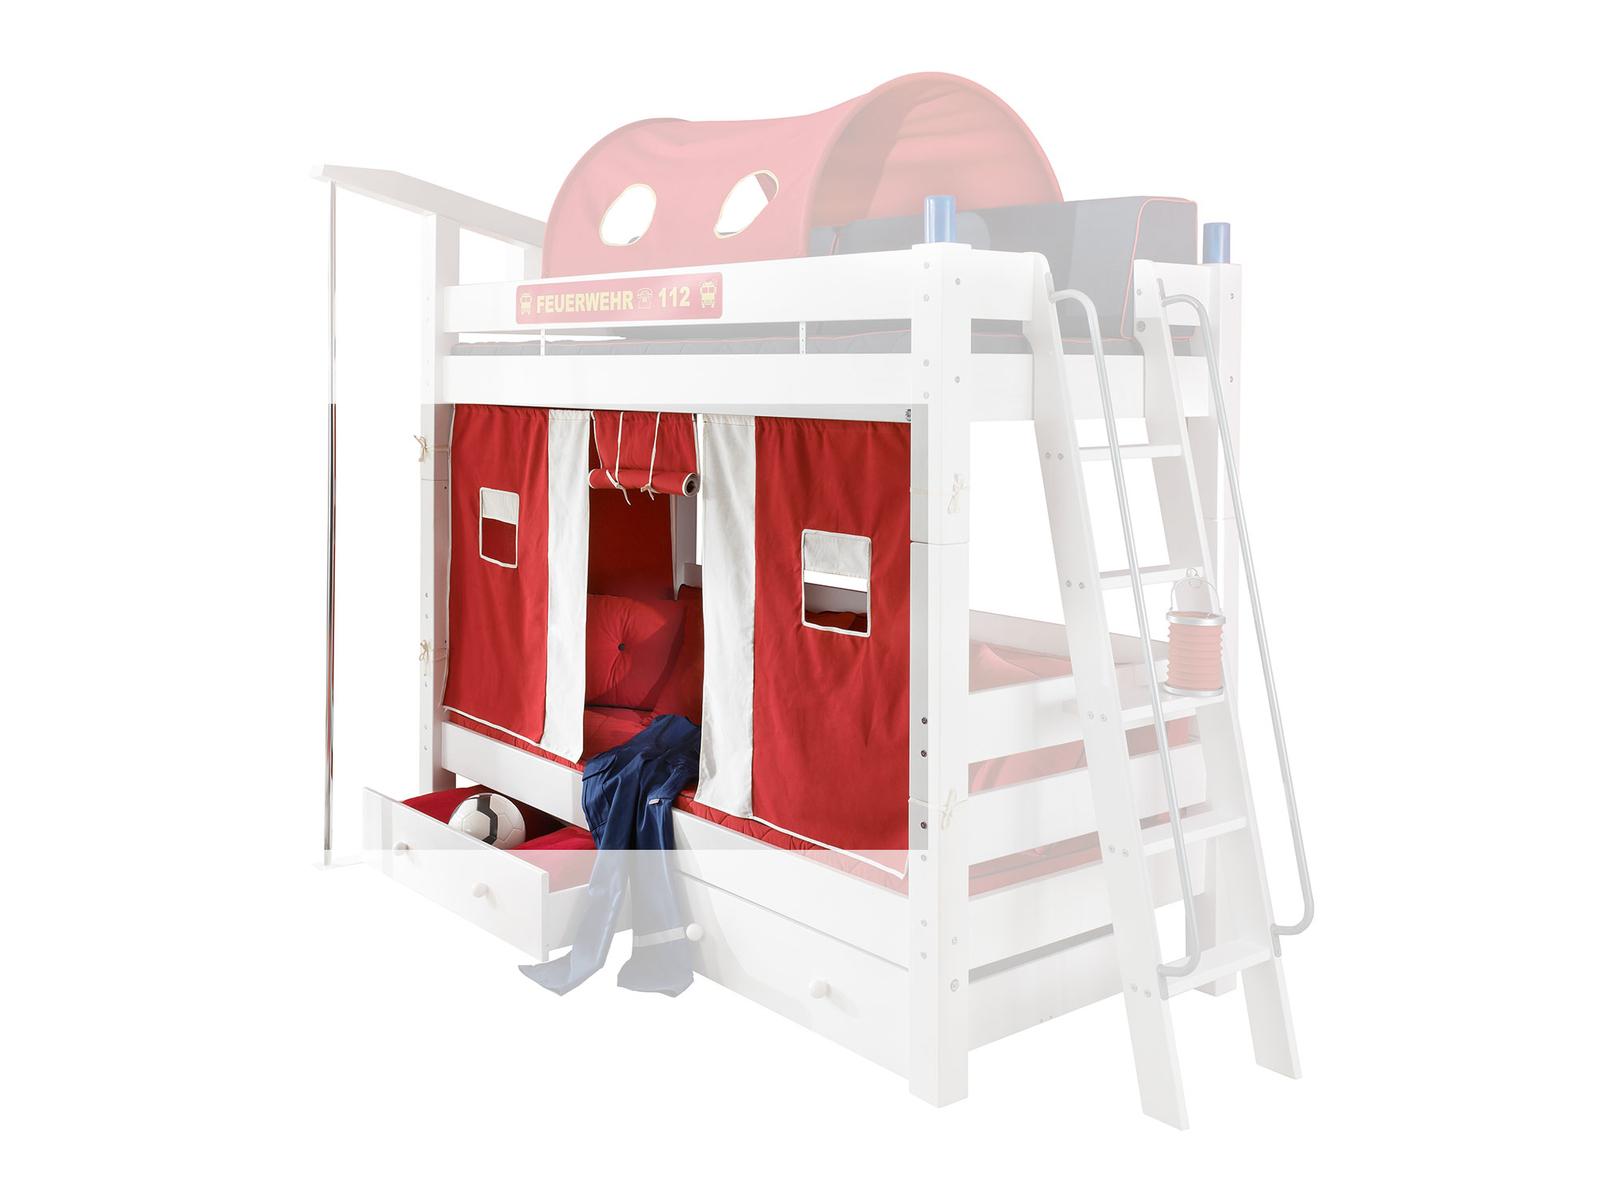 Etagenbett Landhausstil : Feuerwehr etagenbett moby für kinder von dolphin günstig bestellen